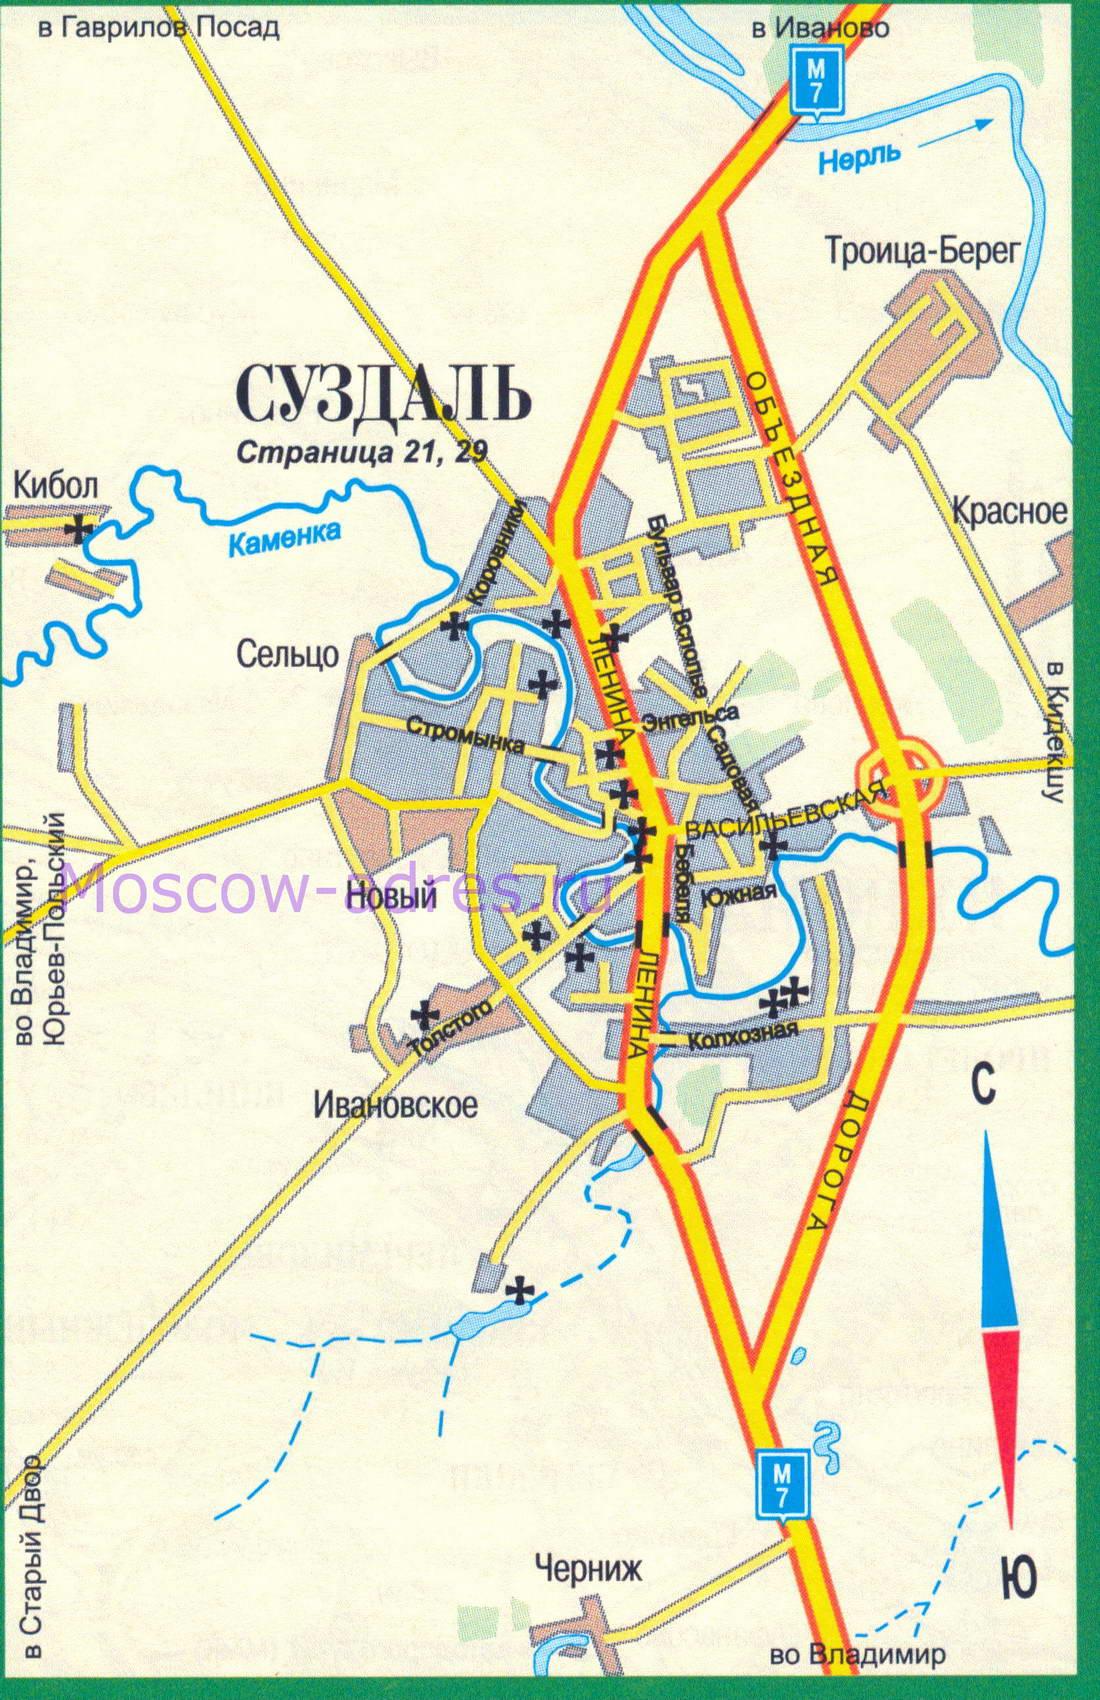 Автомобильные дороги города Суздаль, карта-схема проезда.